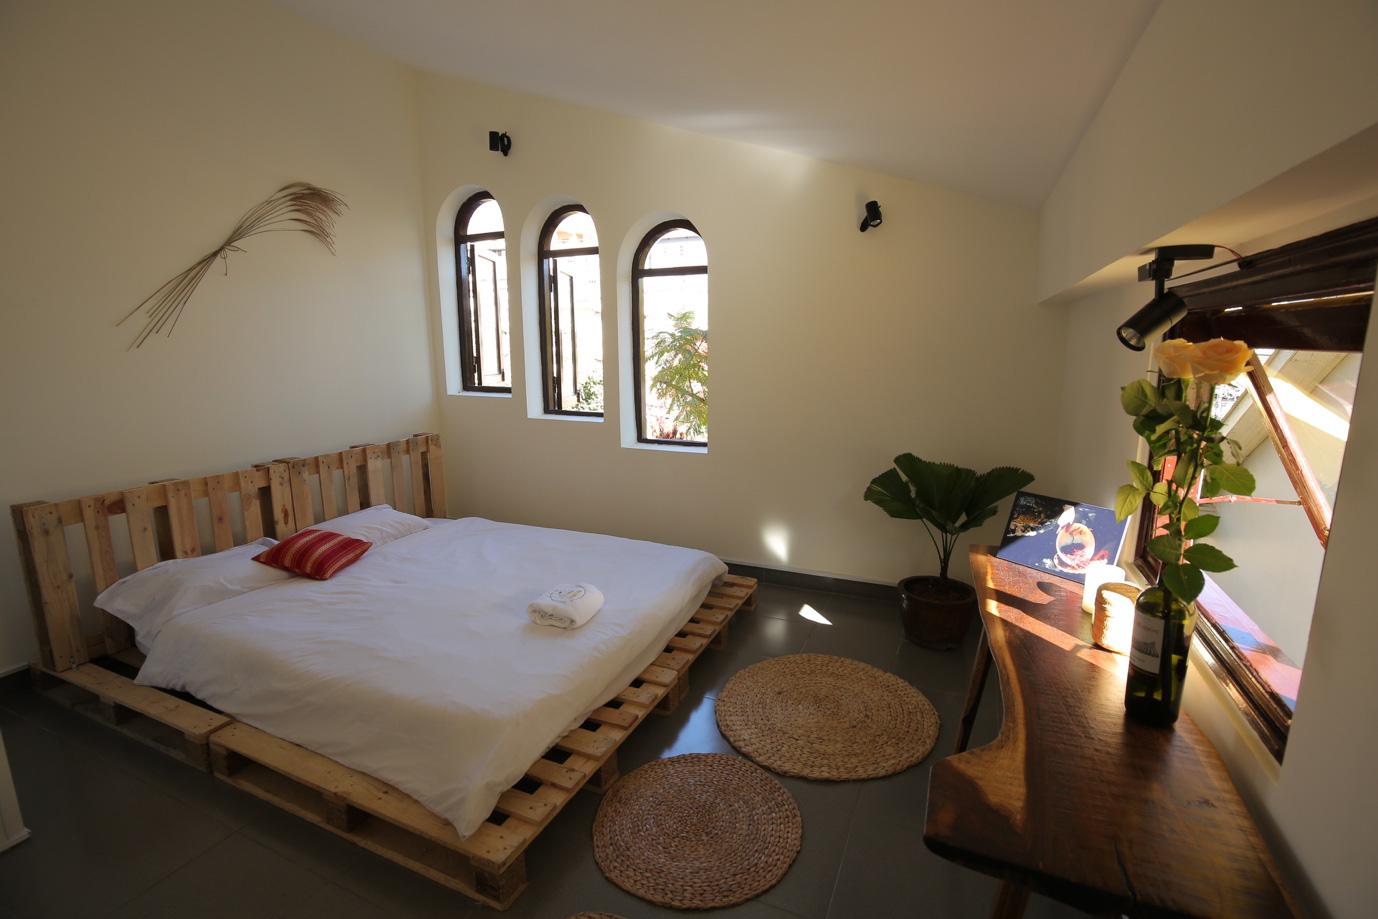 Kế hoạch giải cứu ngôi nhà bị nồm ẩm lâu năm tại Đà Lạt - Ảnh 3.